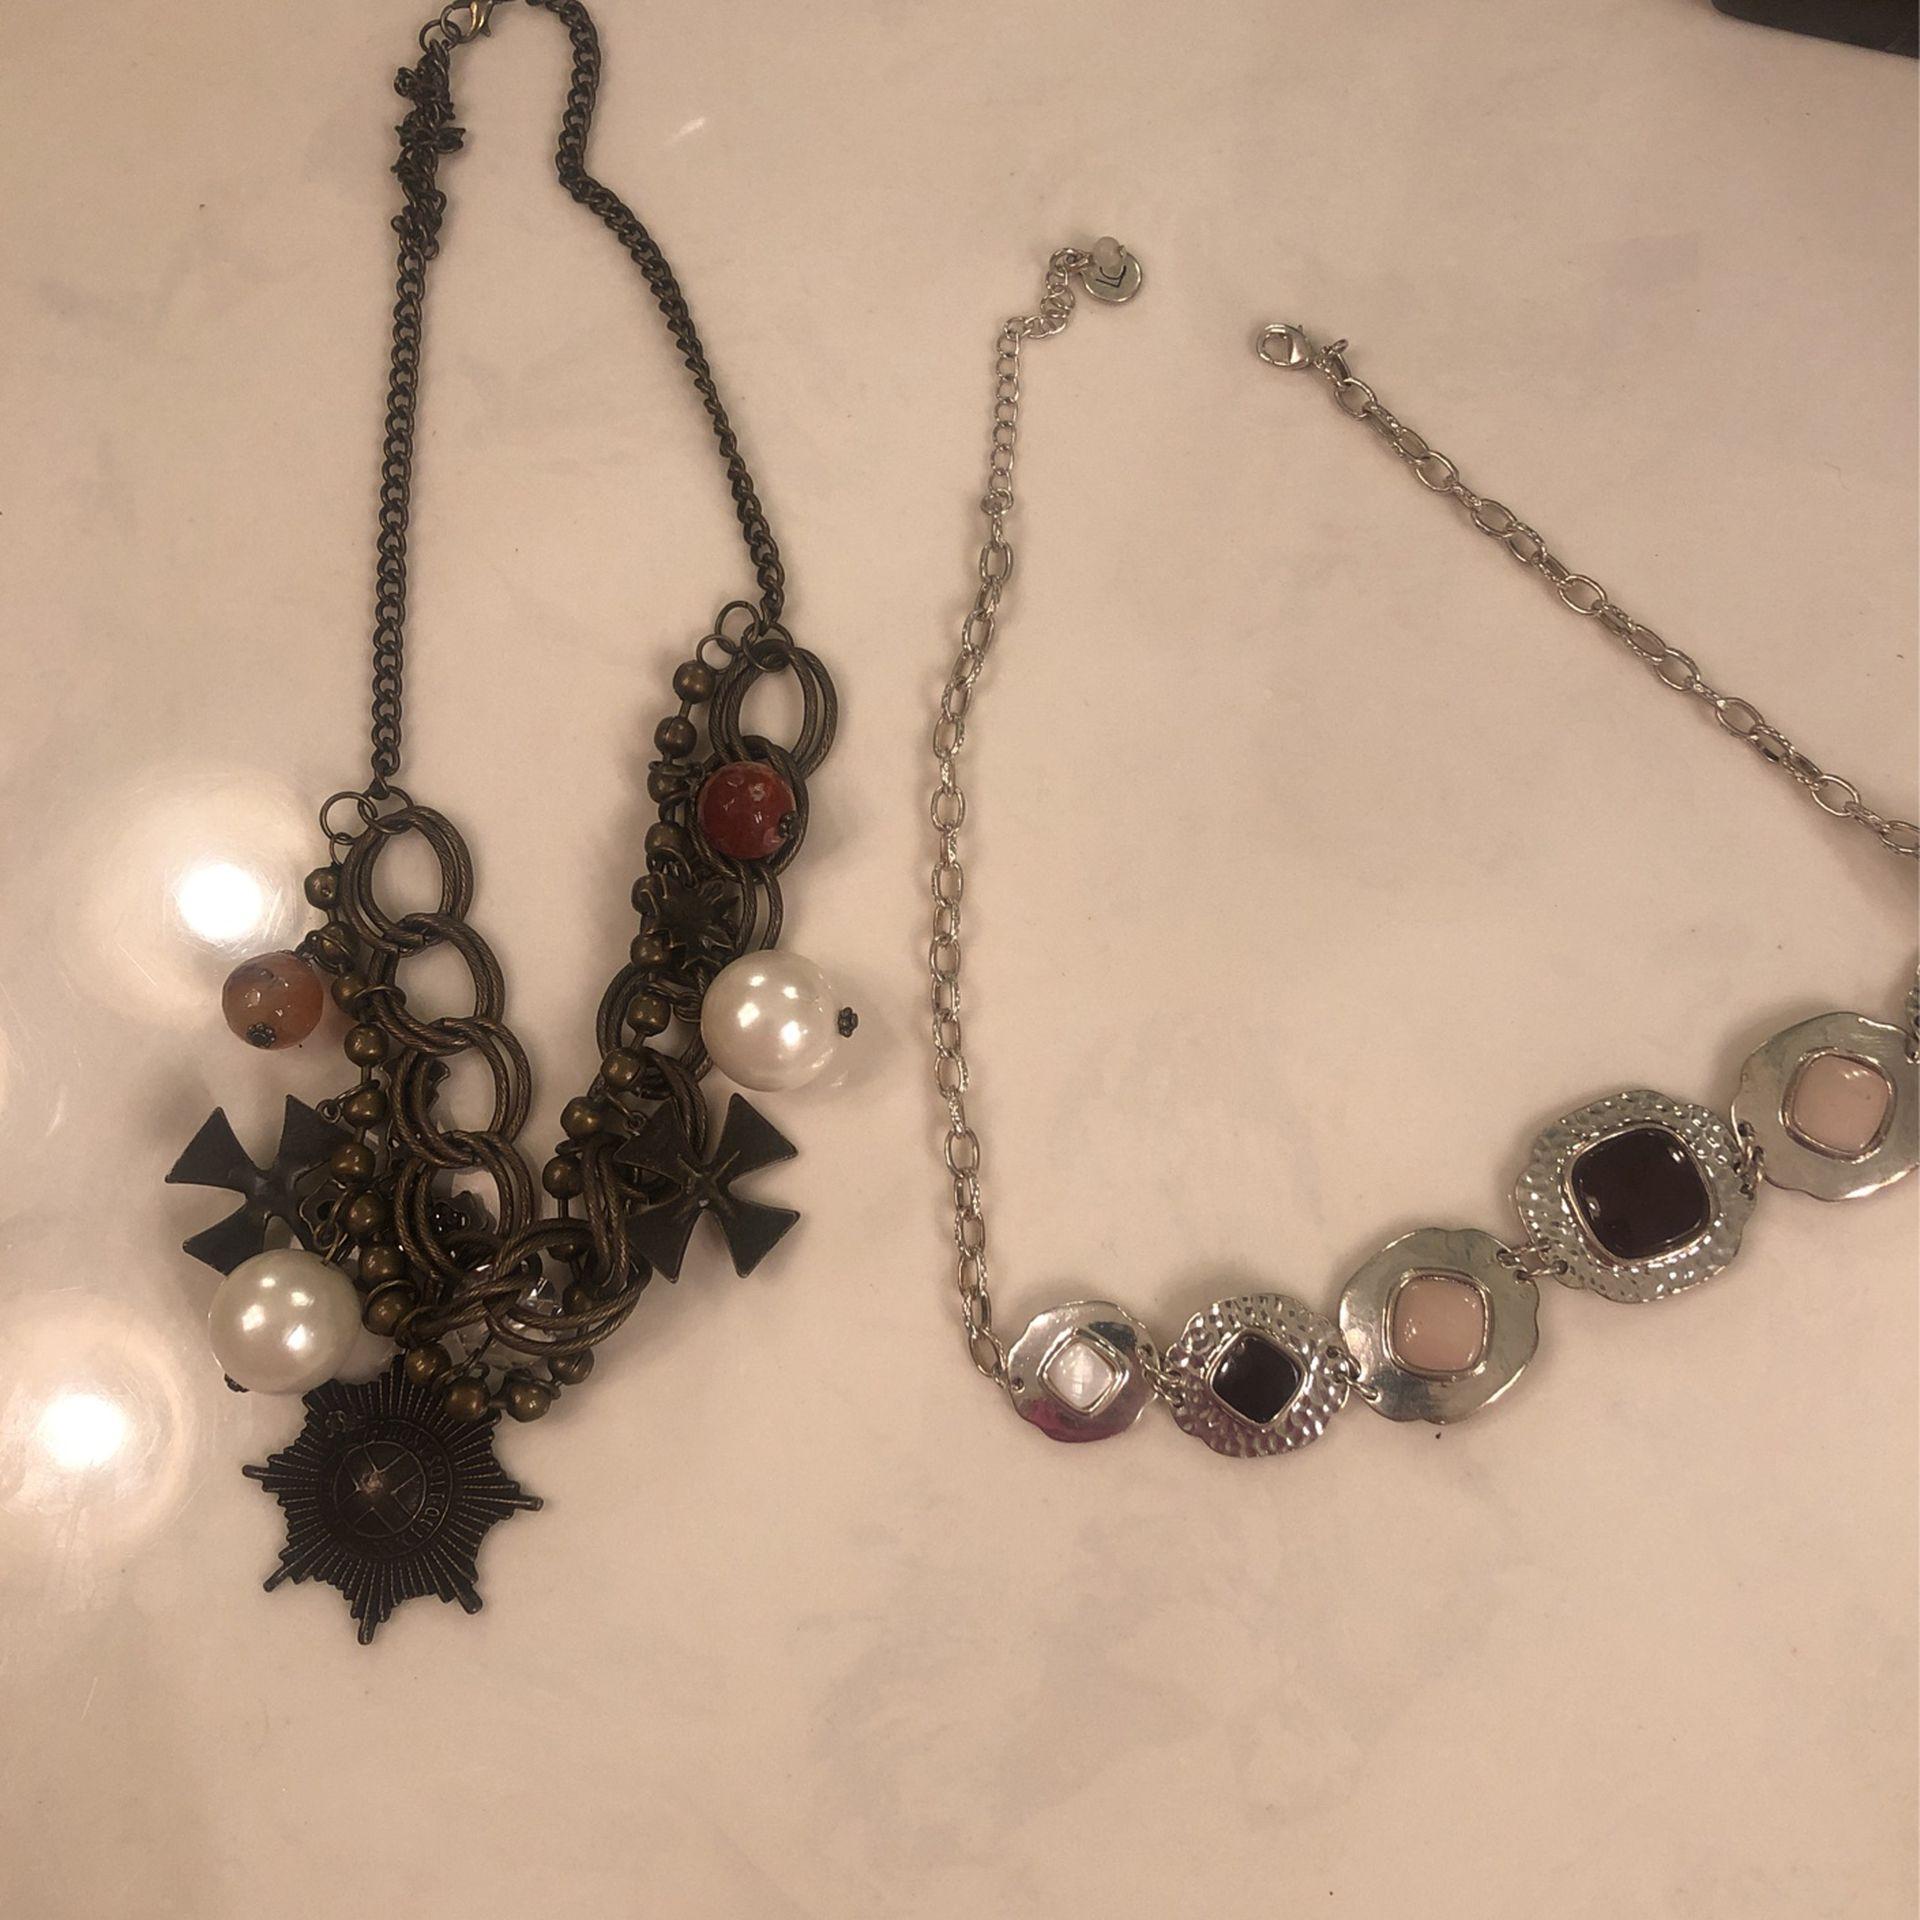 Two unique choker necklaces